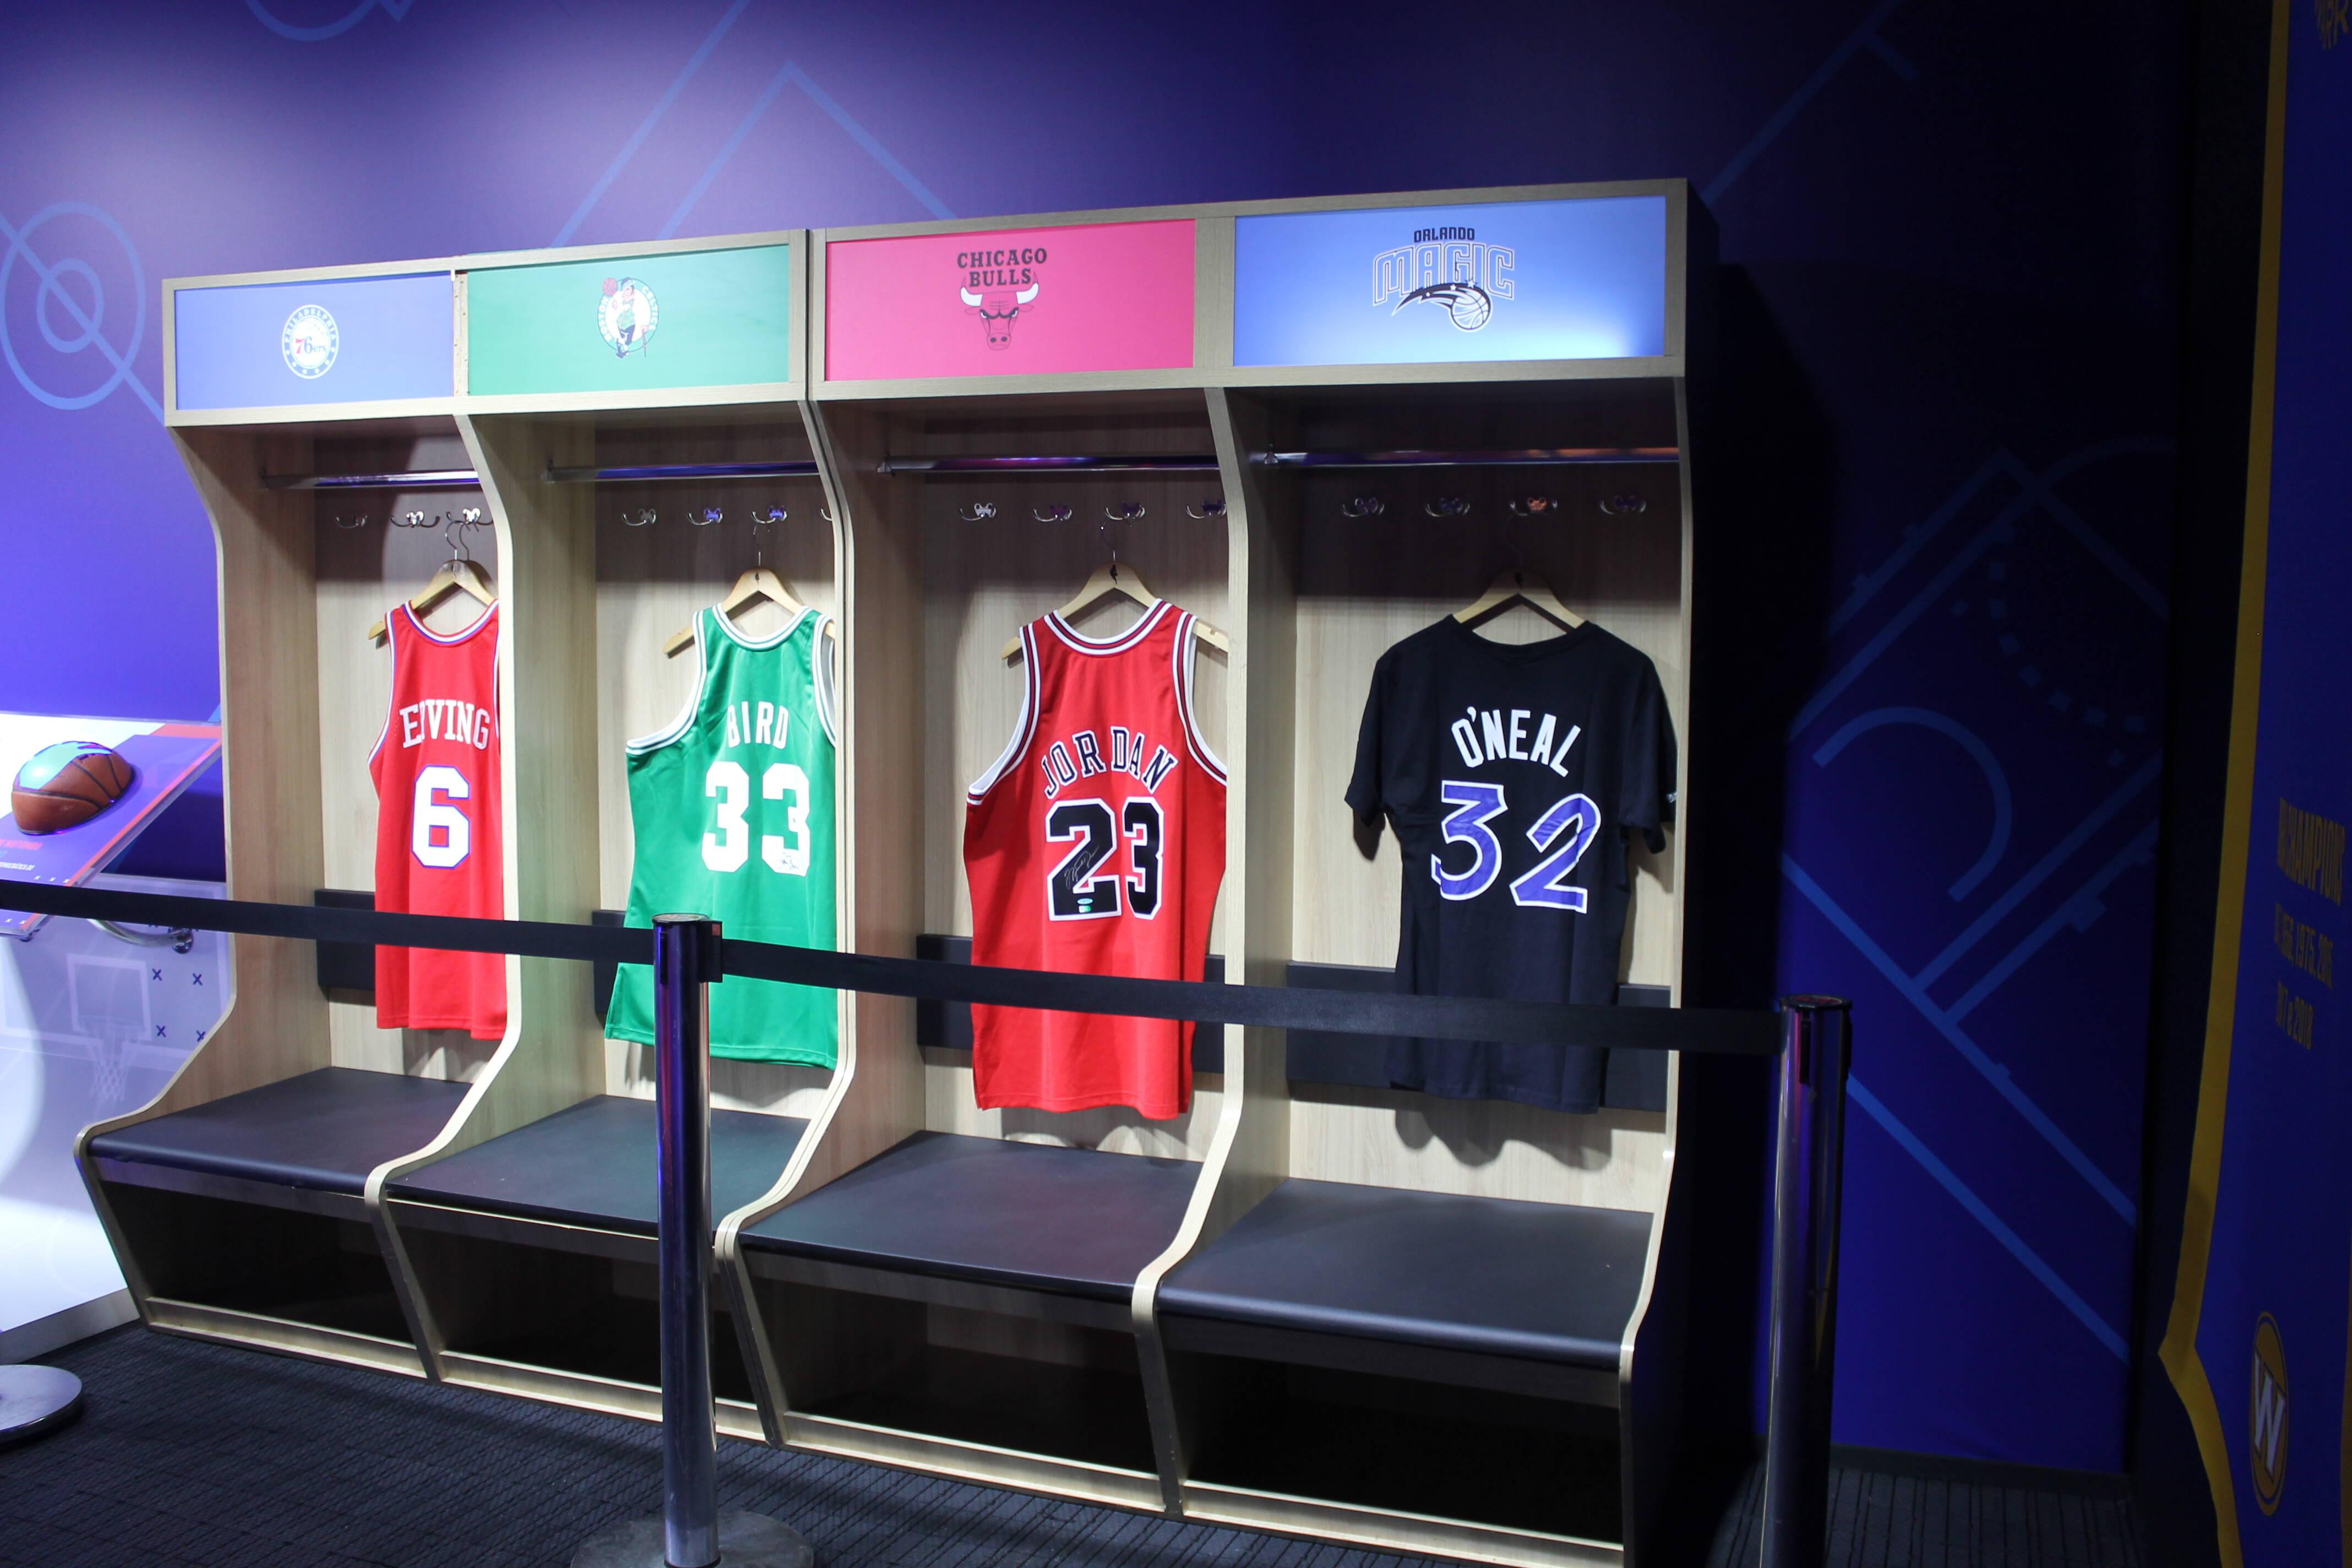 Algumas camisas são expostas para que o torcedor tenha a experiência de um vestiário da NBA. Foto: Flavia Matos/ IG